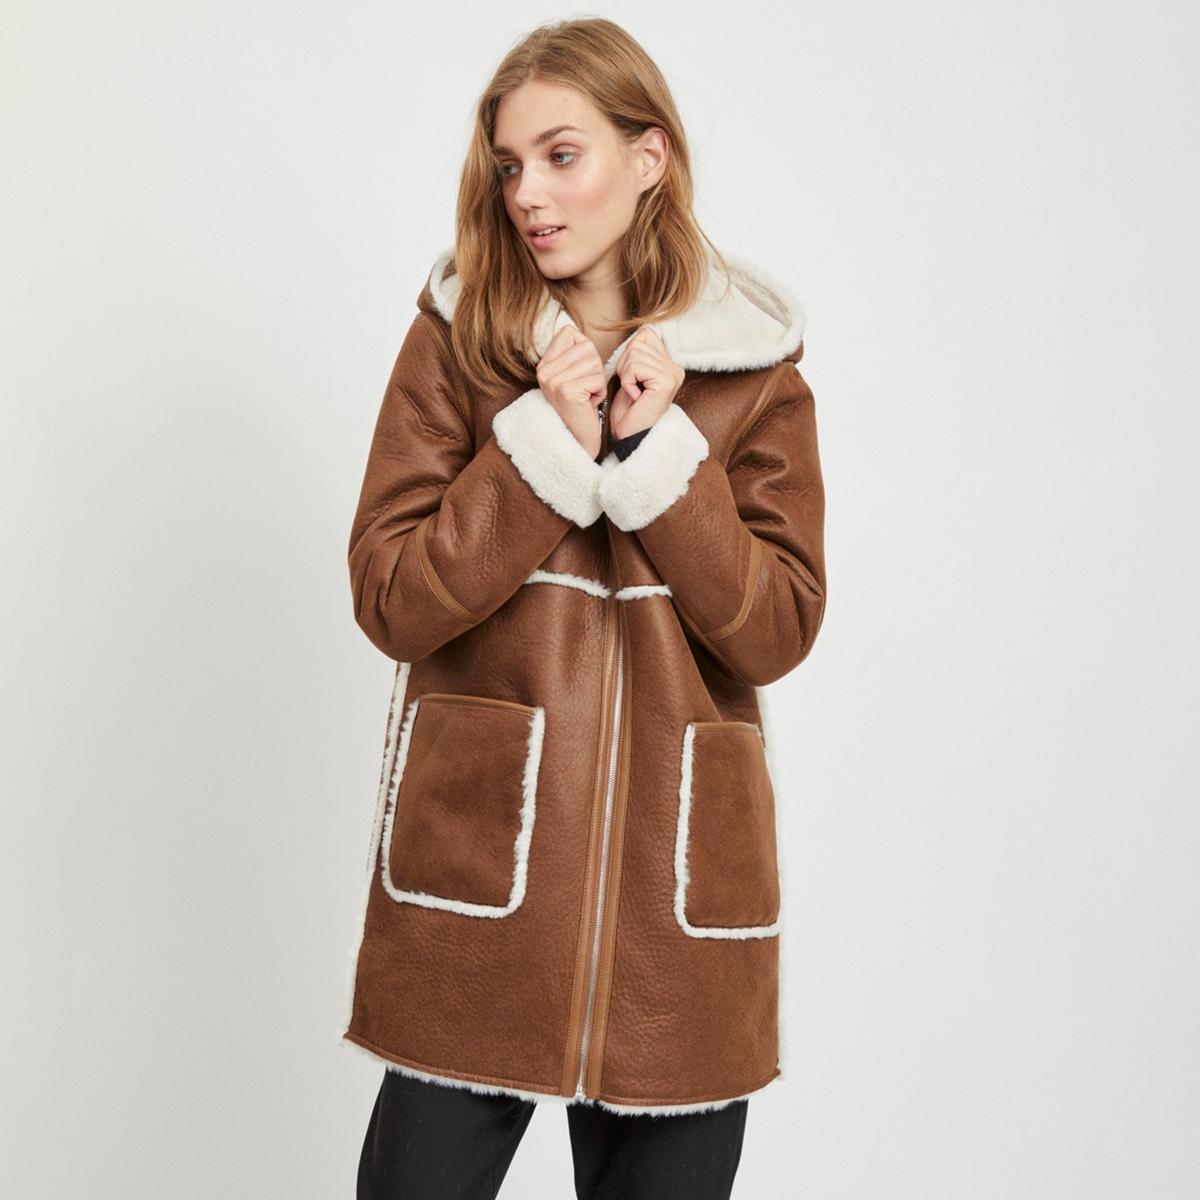 цена Пальто La Redoute С капюшоном под кожу мутон 34 (FR) - 40 (RUS) каштановый онлайн в 2017 году